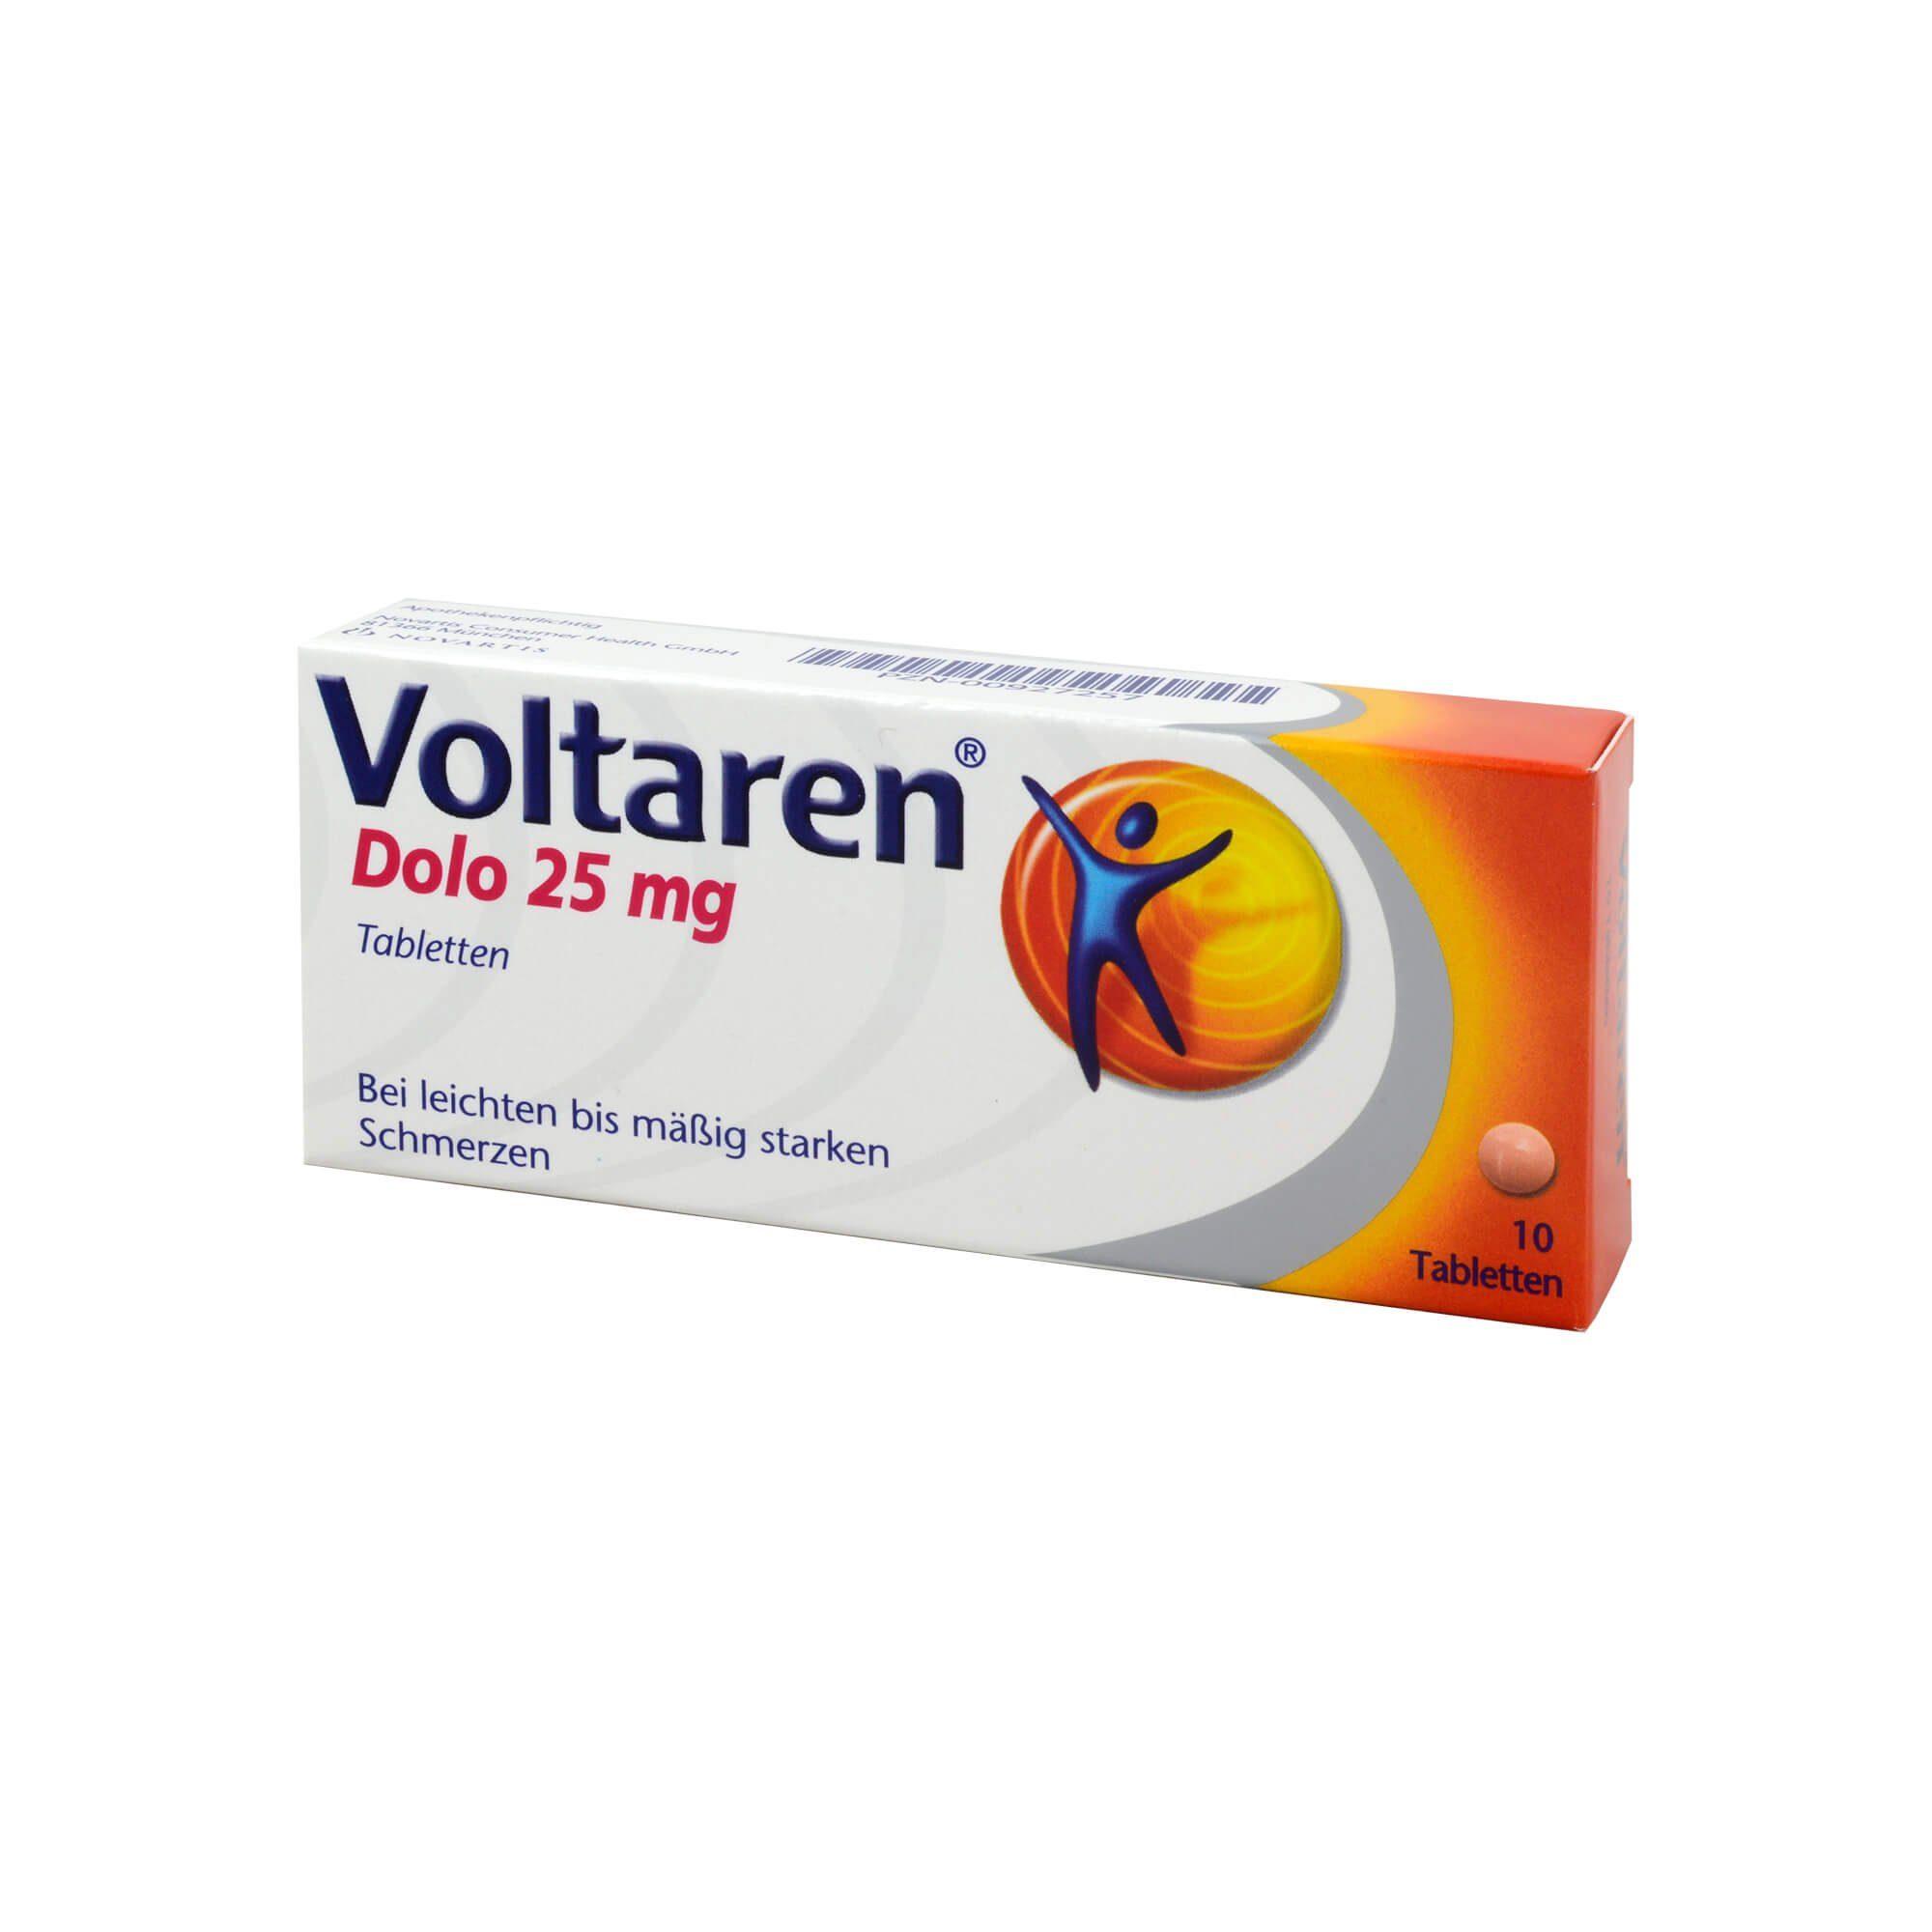 Voltaren Dolo 25 mg, 10 St